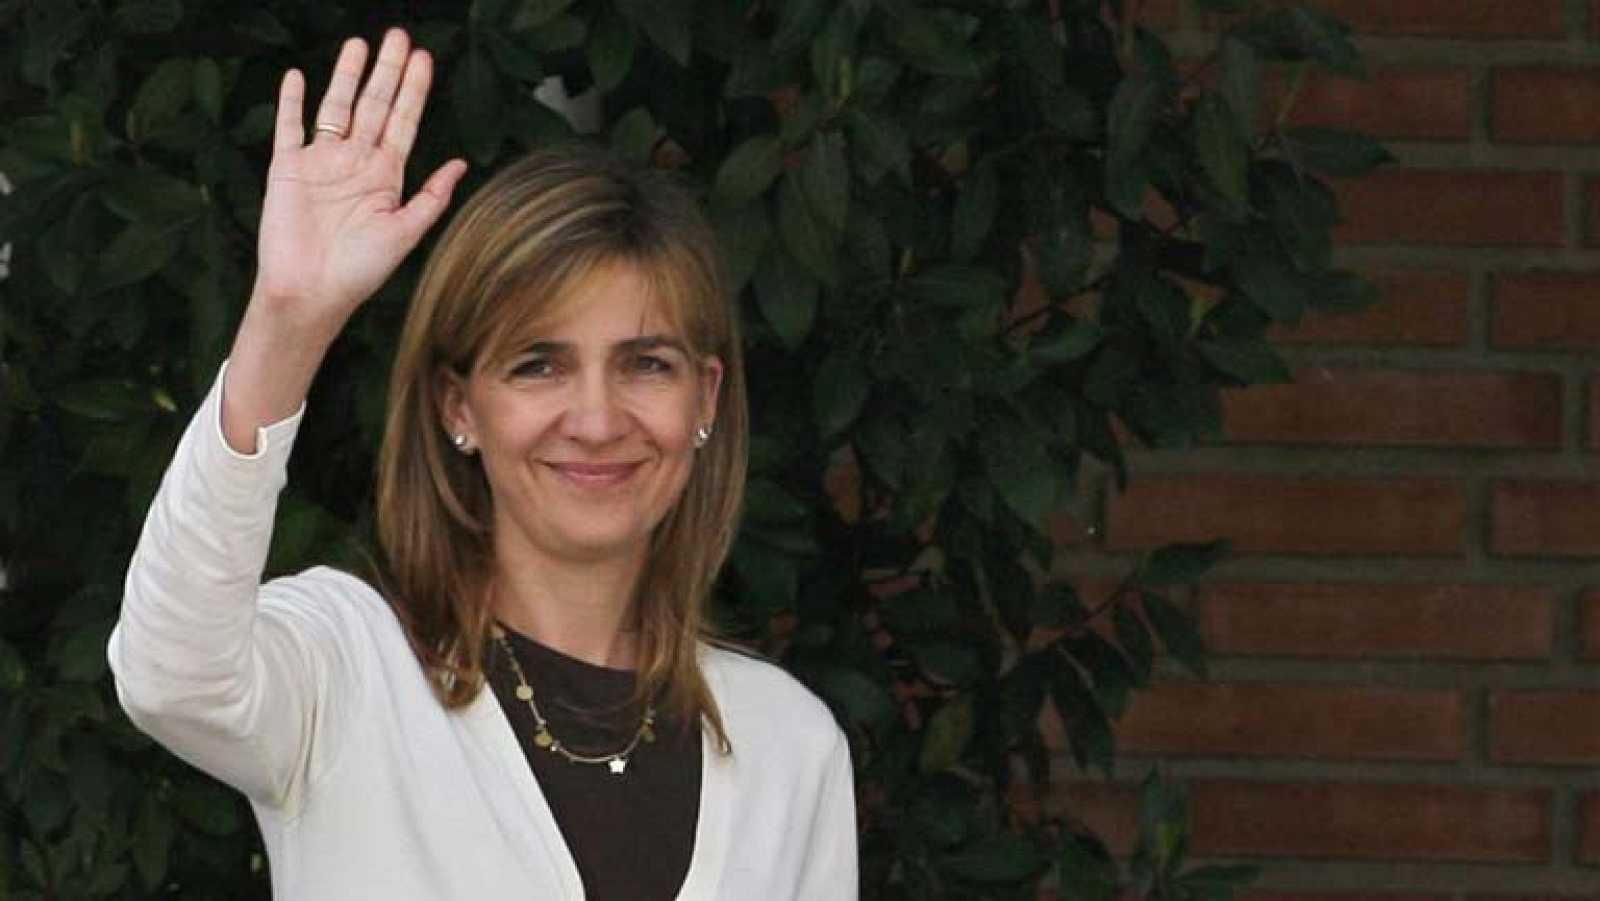 El fiscal pedirá responsabilidad civil de 600.000 euros a la infanta Cristina